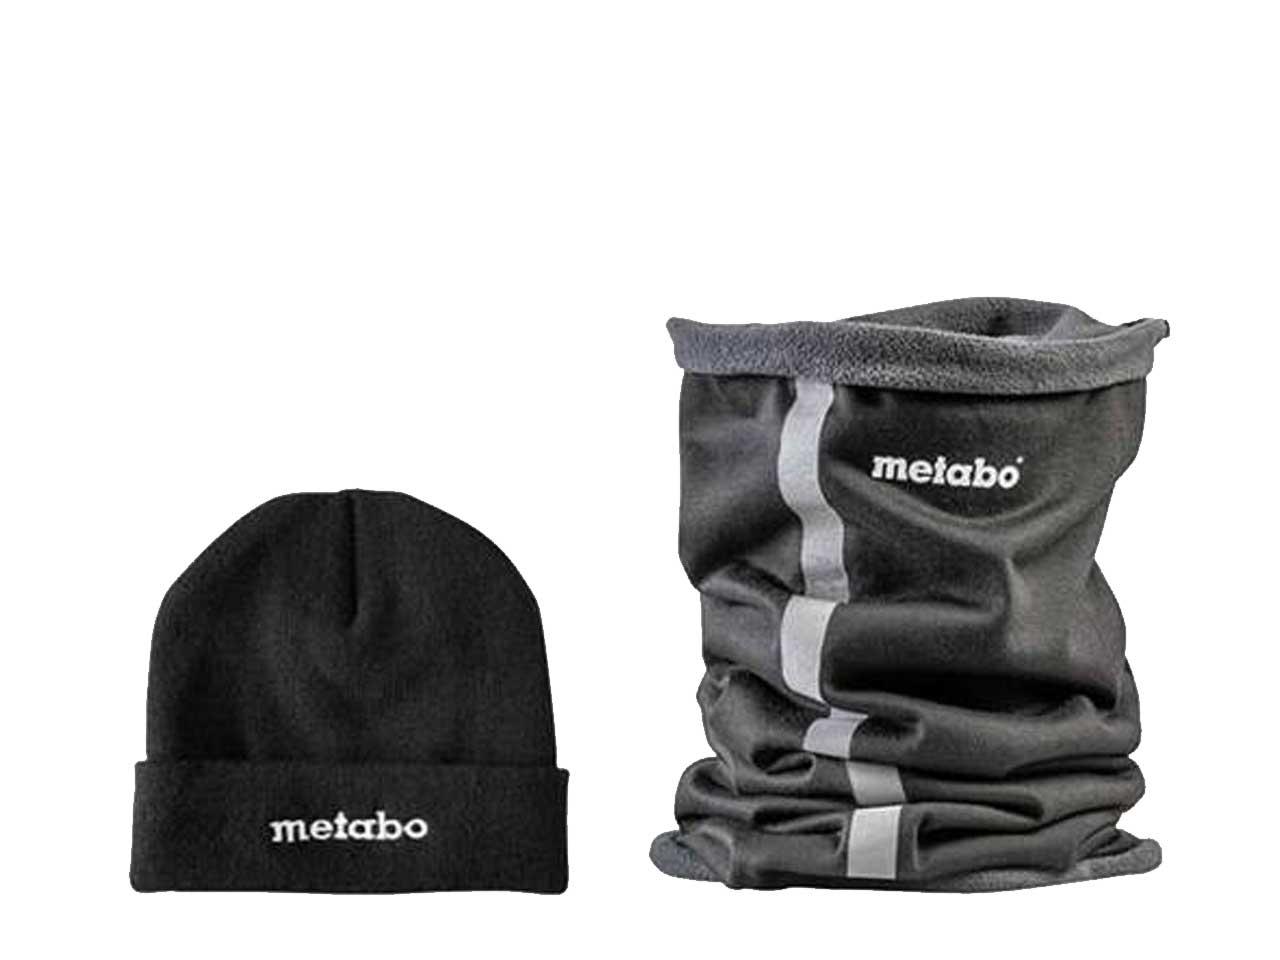 Metabo_657036000.jpg